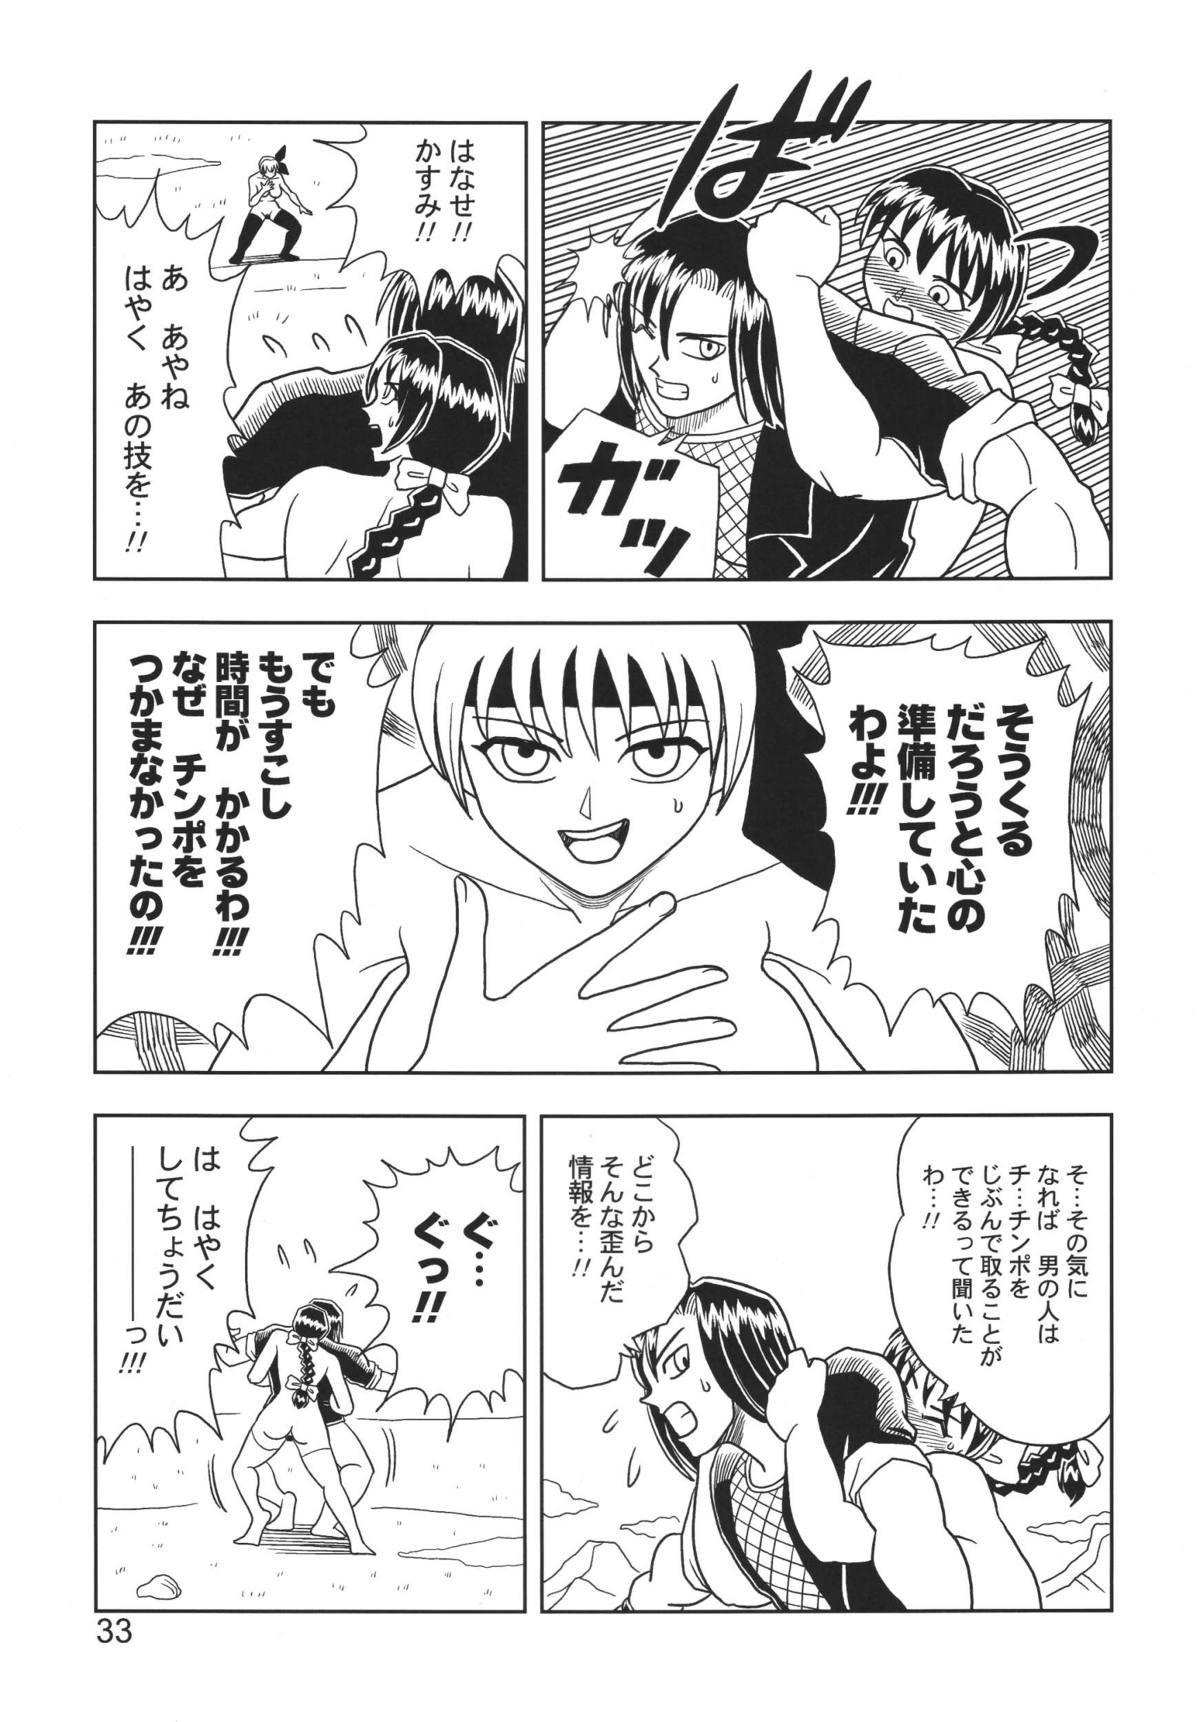 Kasumi or Ayane 32